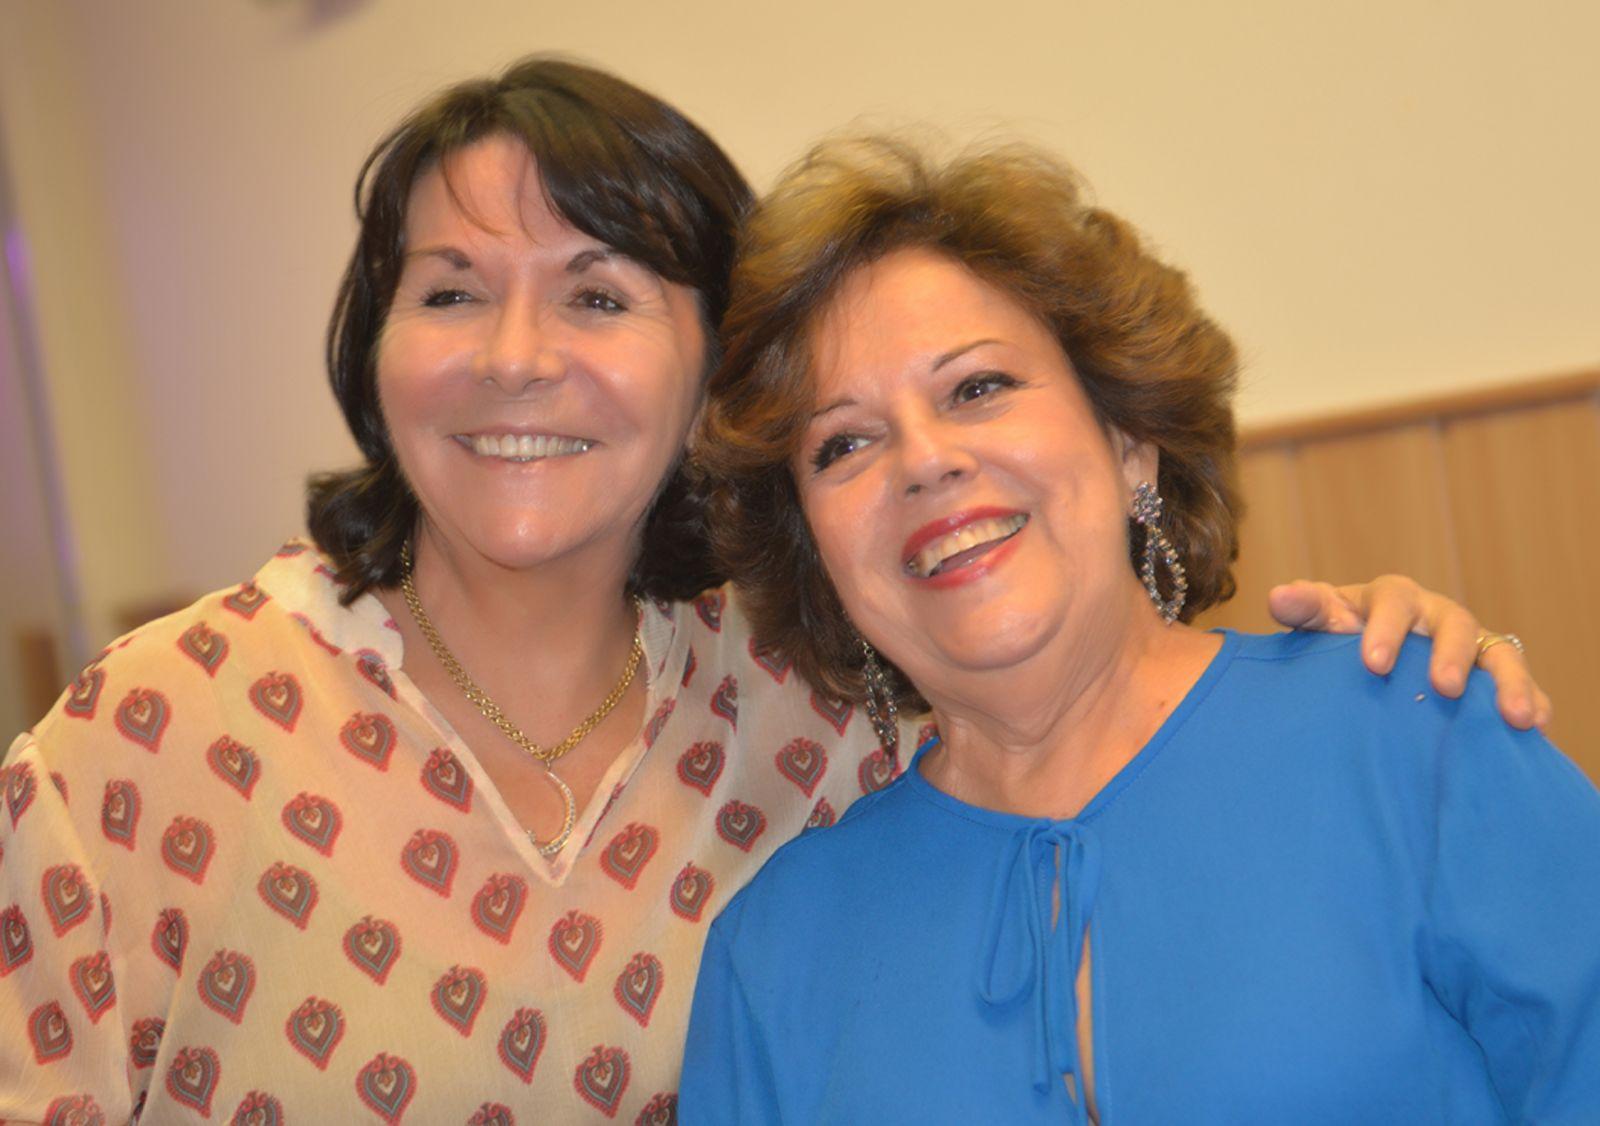 Janete Freita a aniversariante de hoje 31/03, ladeada por Martha Dione Caloula